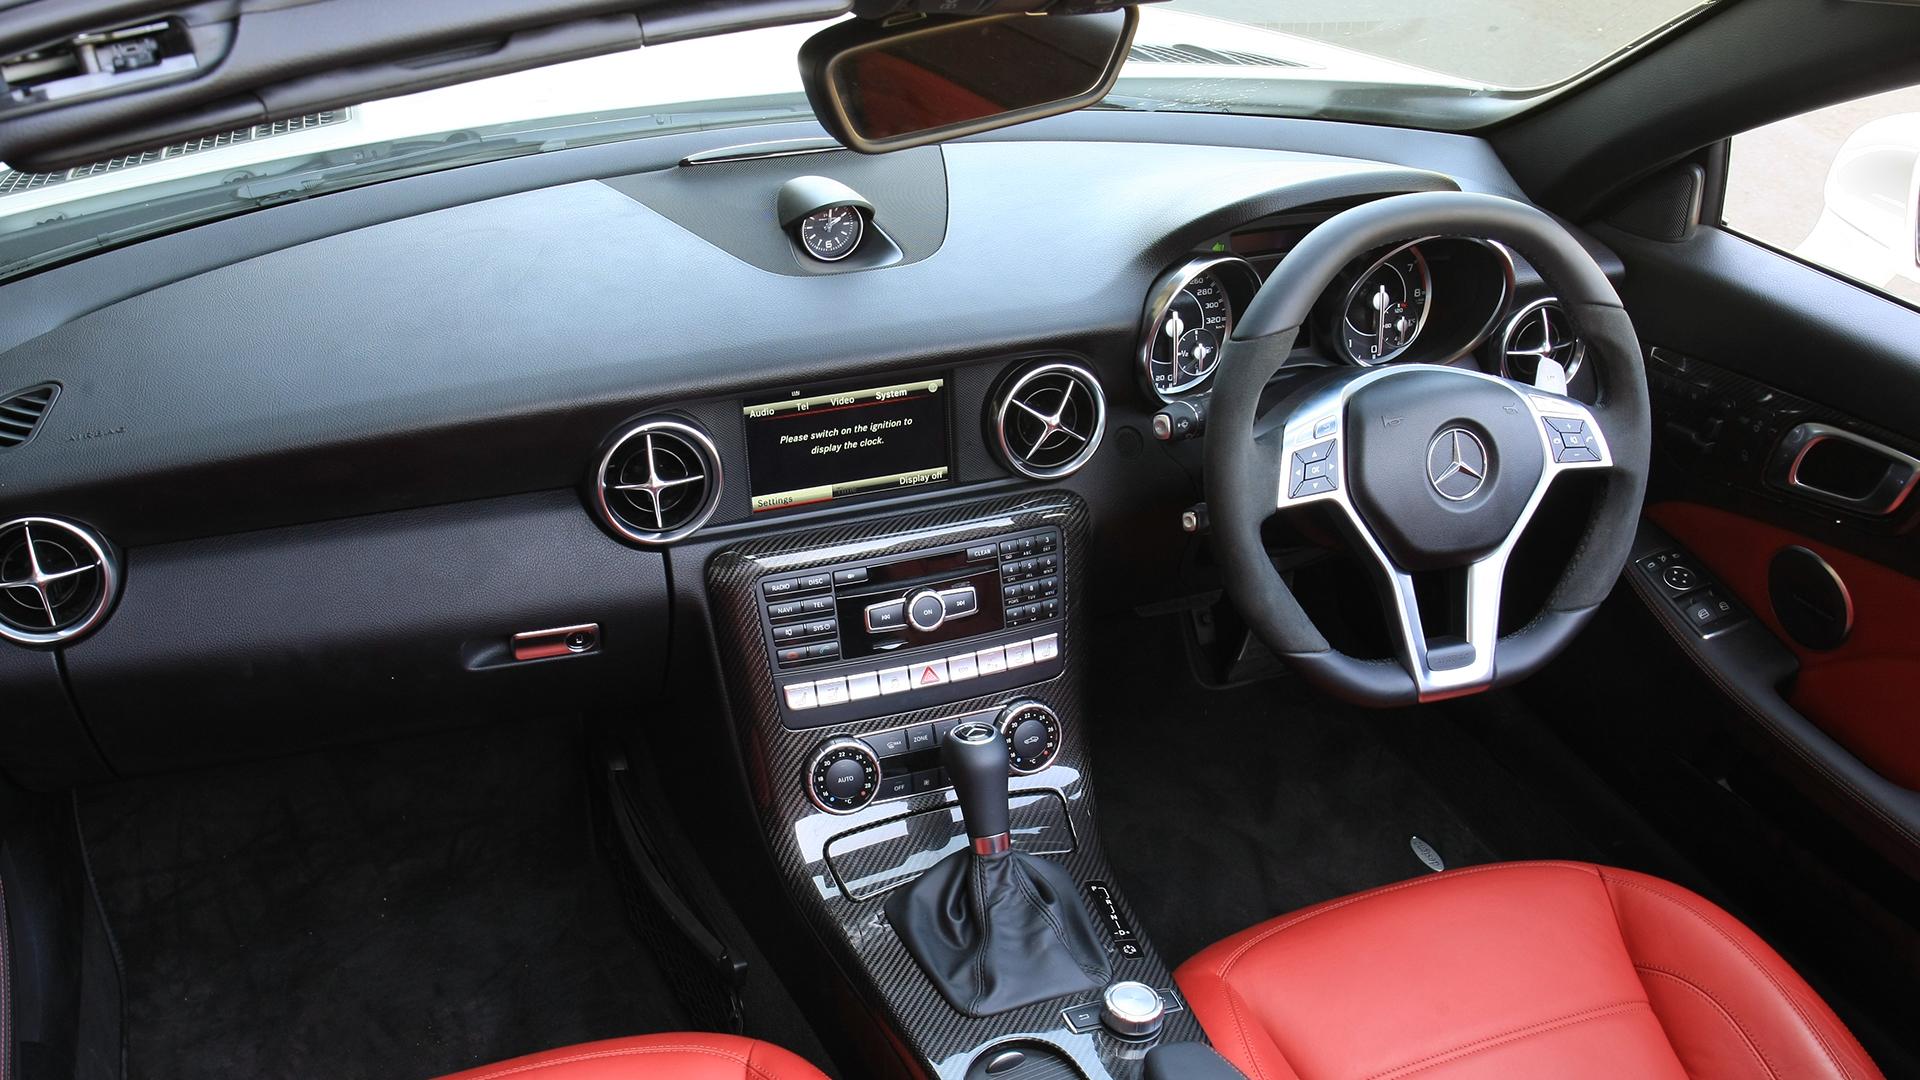 Mercedesbenz SLK55 2013 AMG Exterior